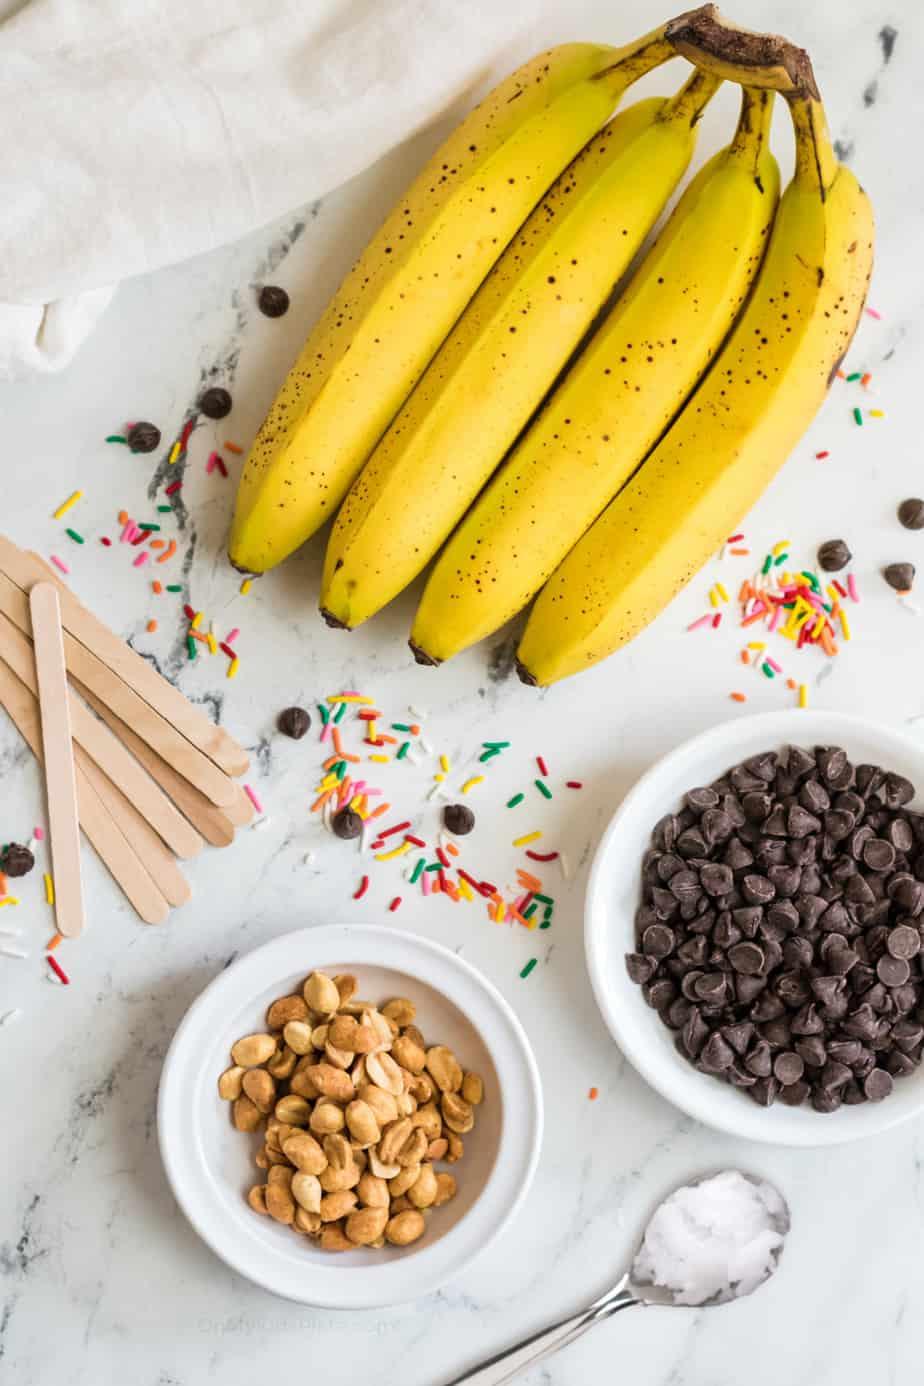 Ingredients for frozen banana pops